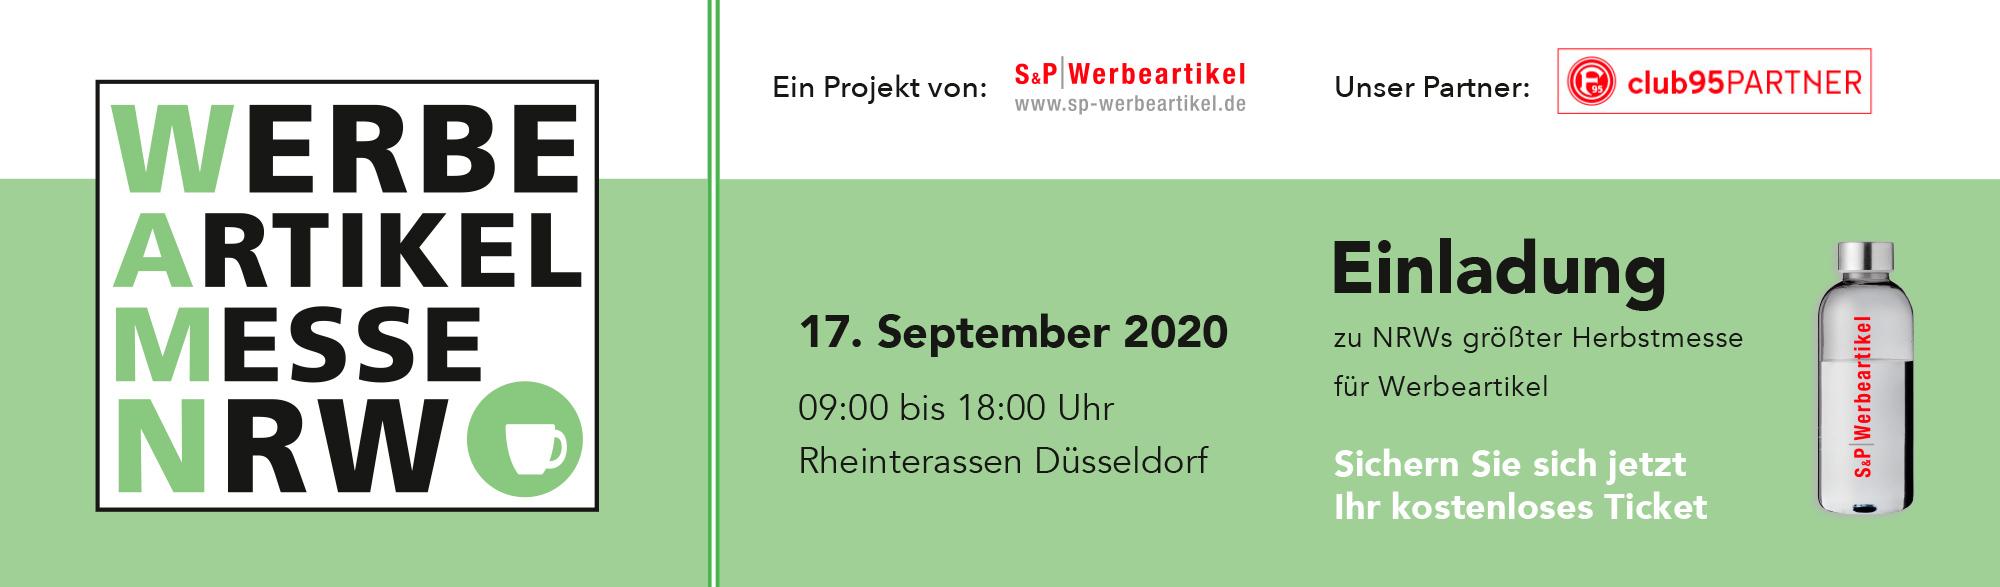 Werbeartikelmesse NRW 2020